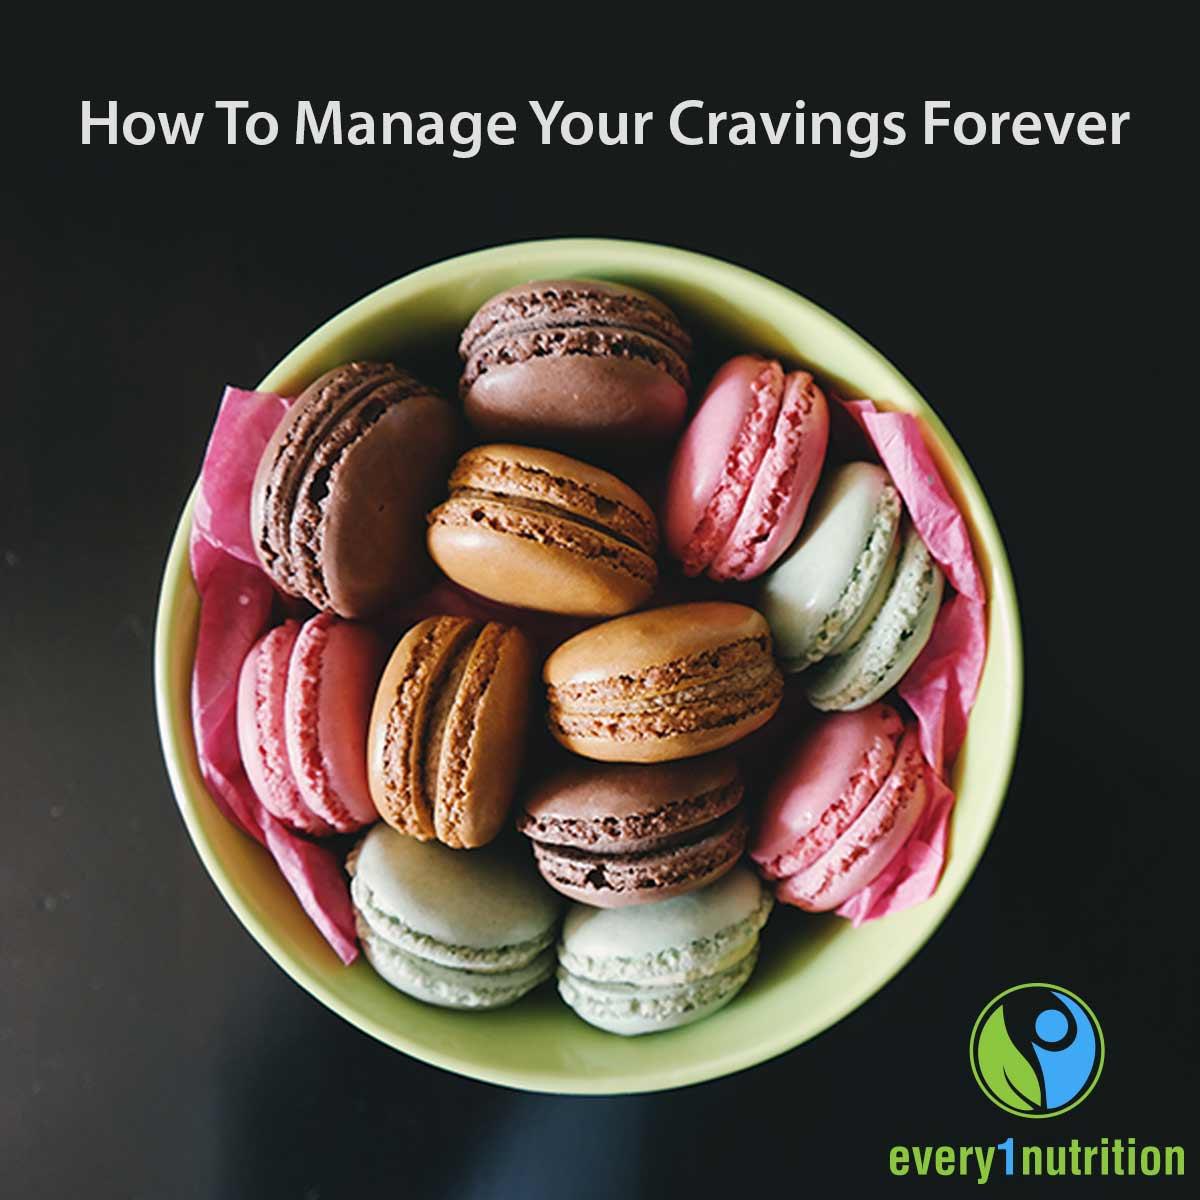 cravings2.jpg